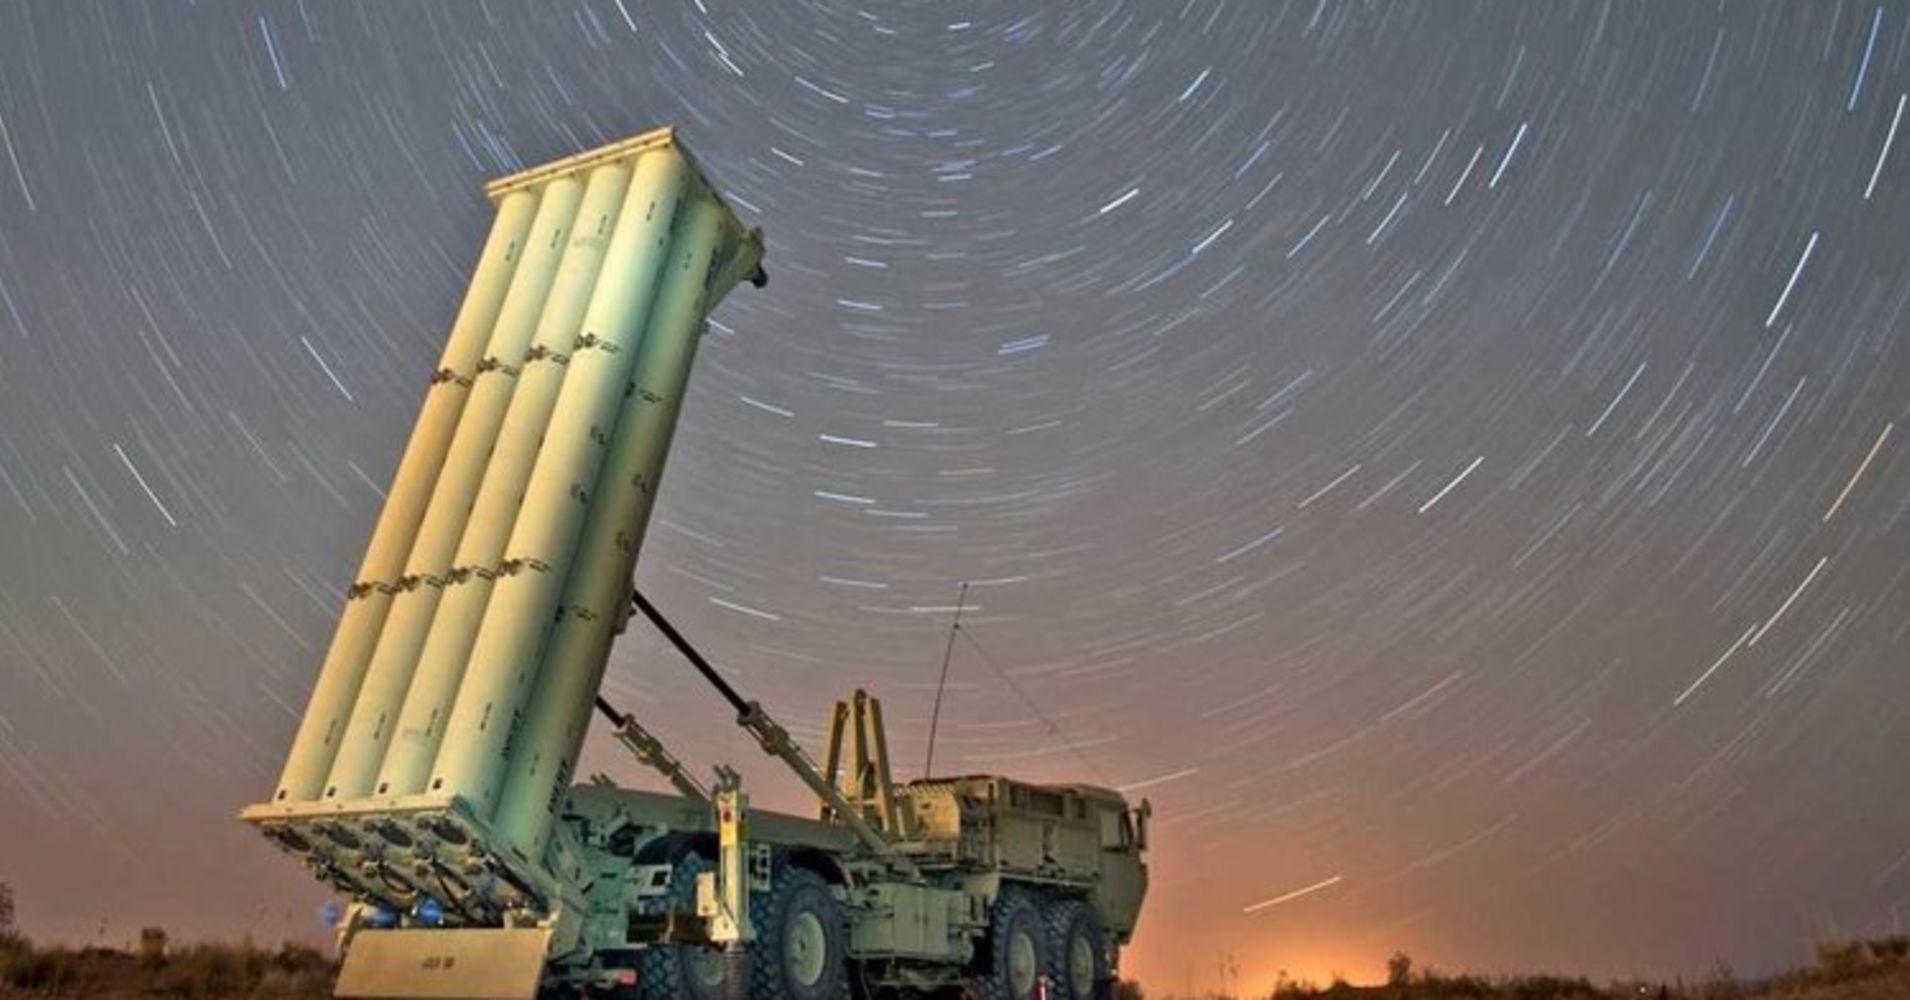 俄指责美发展天基反导十分危险 必引发军备竞赛